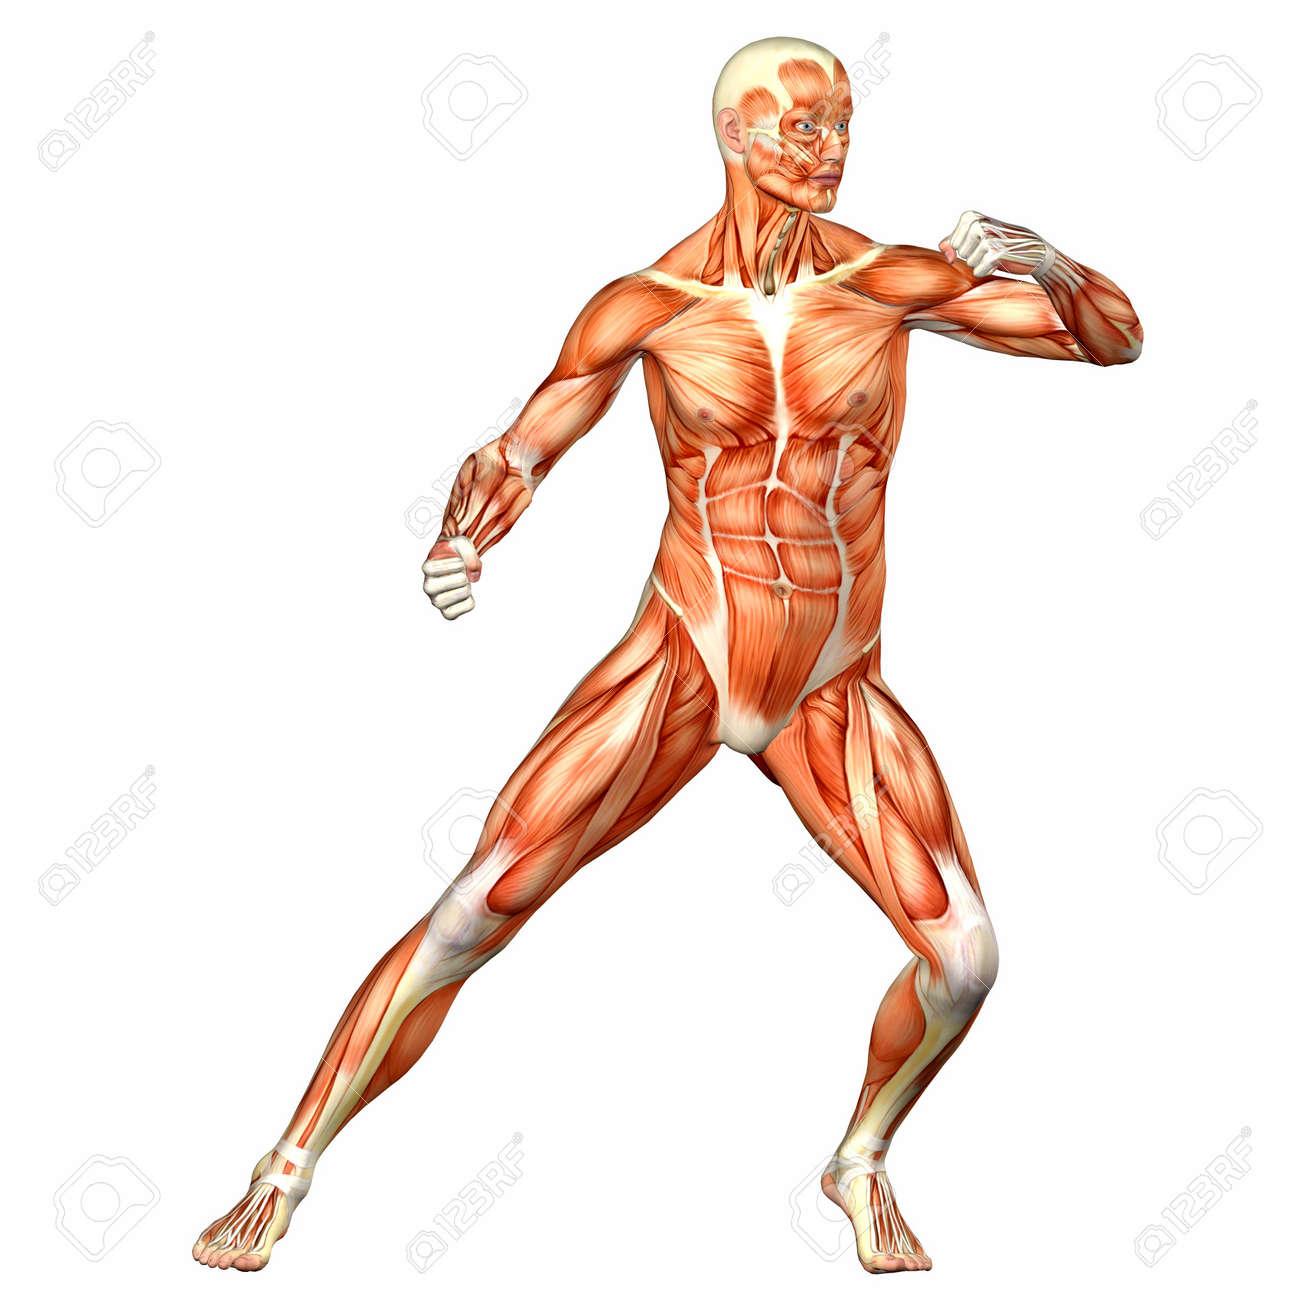 Illustratie Van De Anatomie Van Het Mannelijk Menselijk Lichaam ...